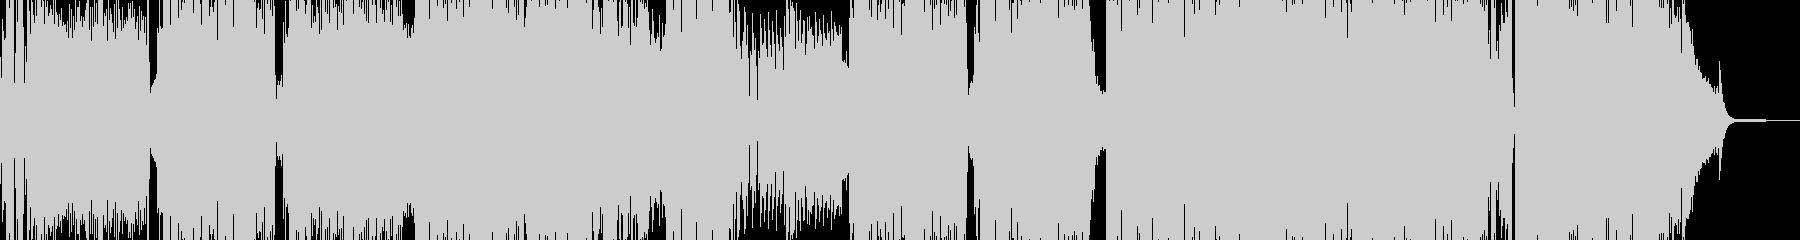 民族コミカル・スピードテクノ 短尺★の未再生の波形